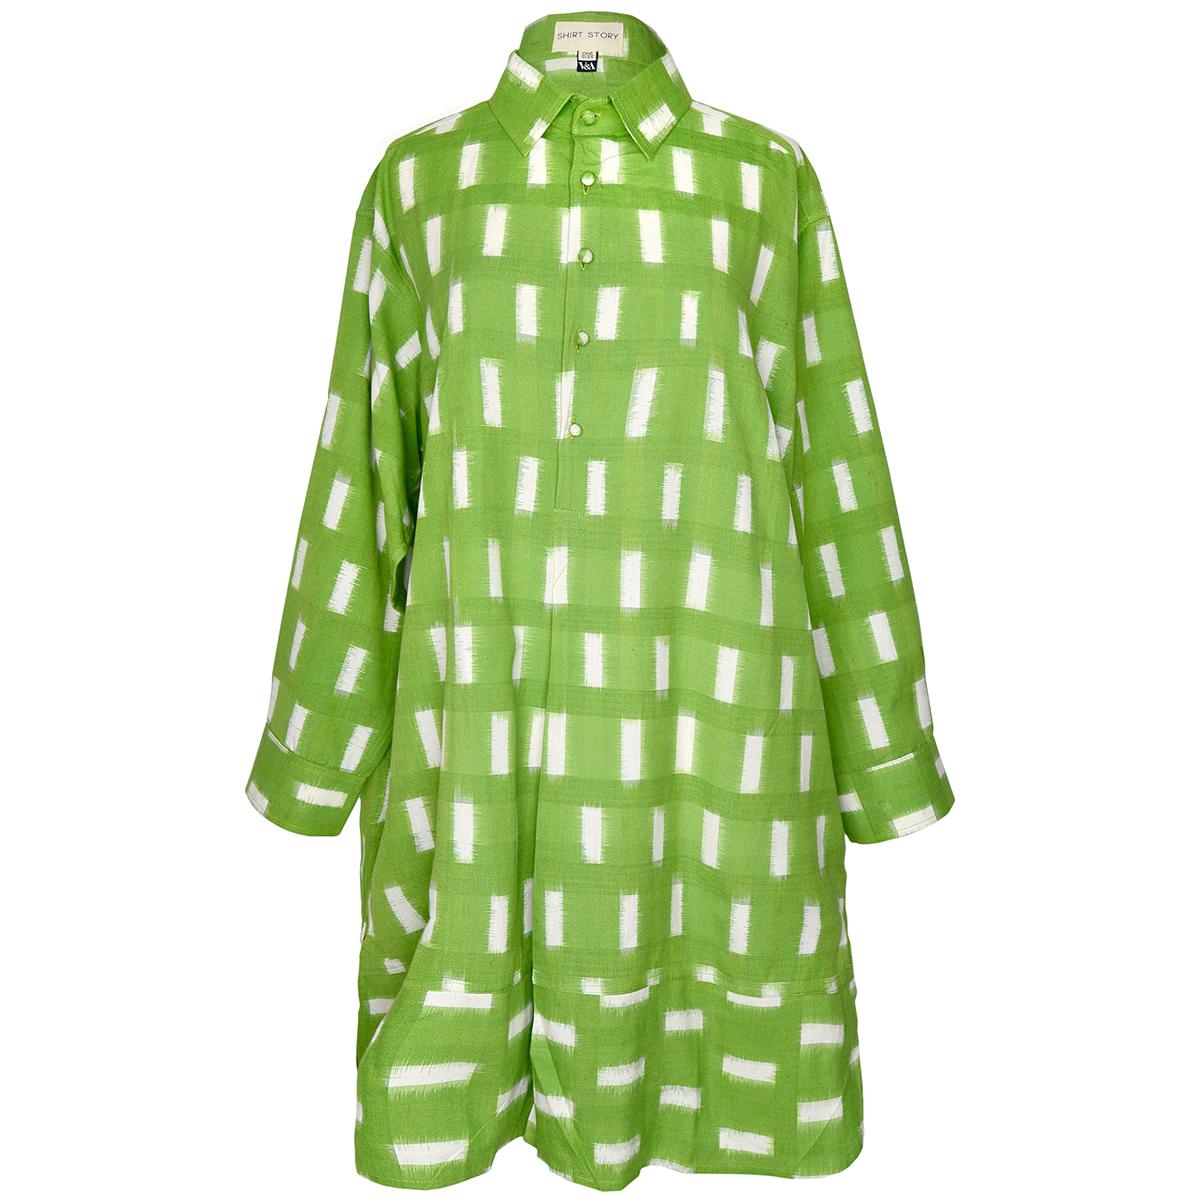 Moss Ikat shirt